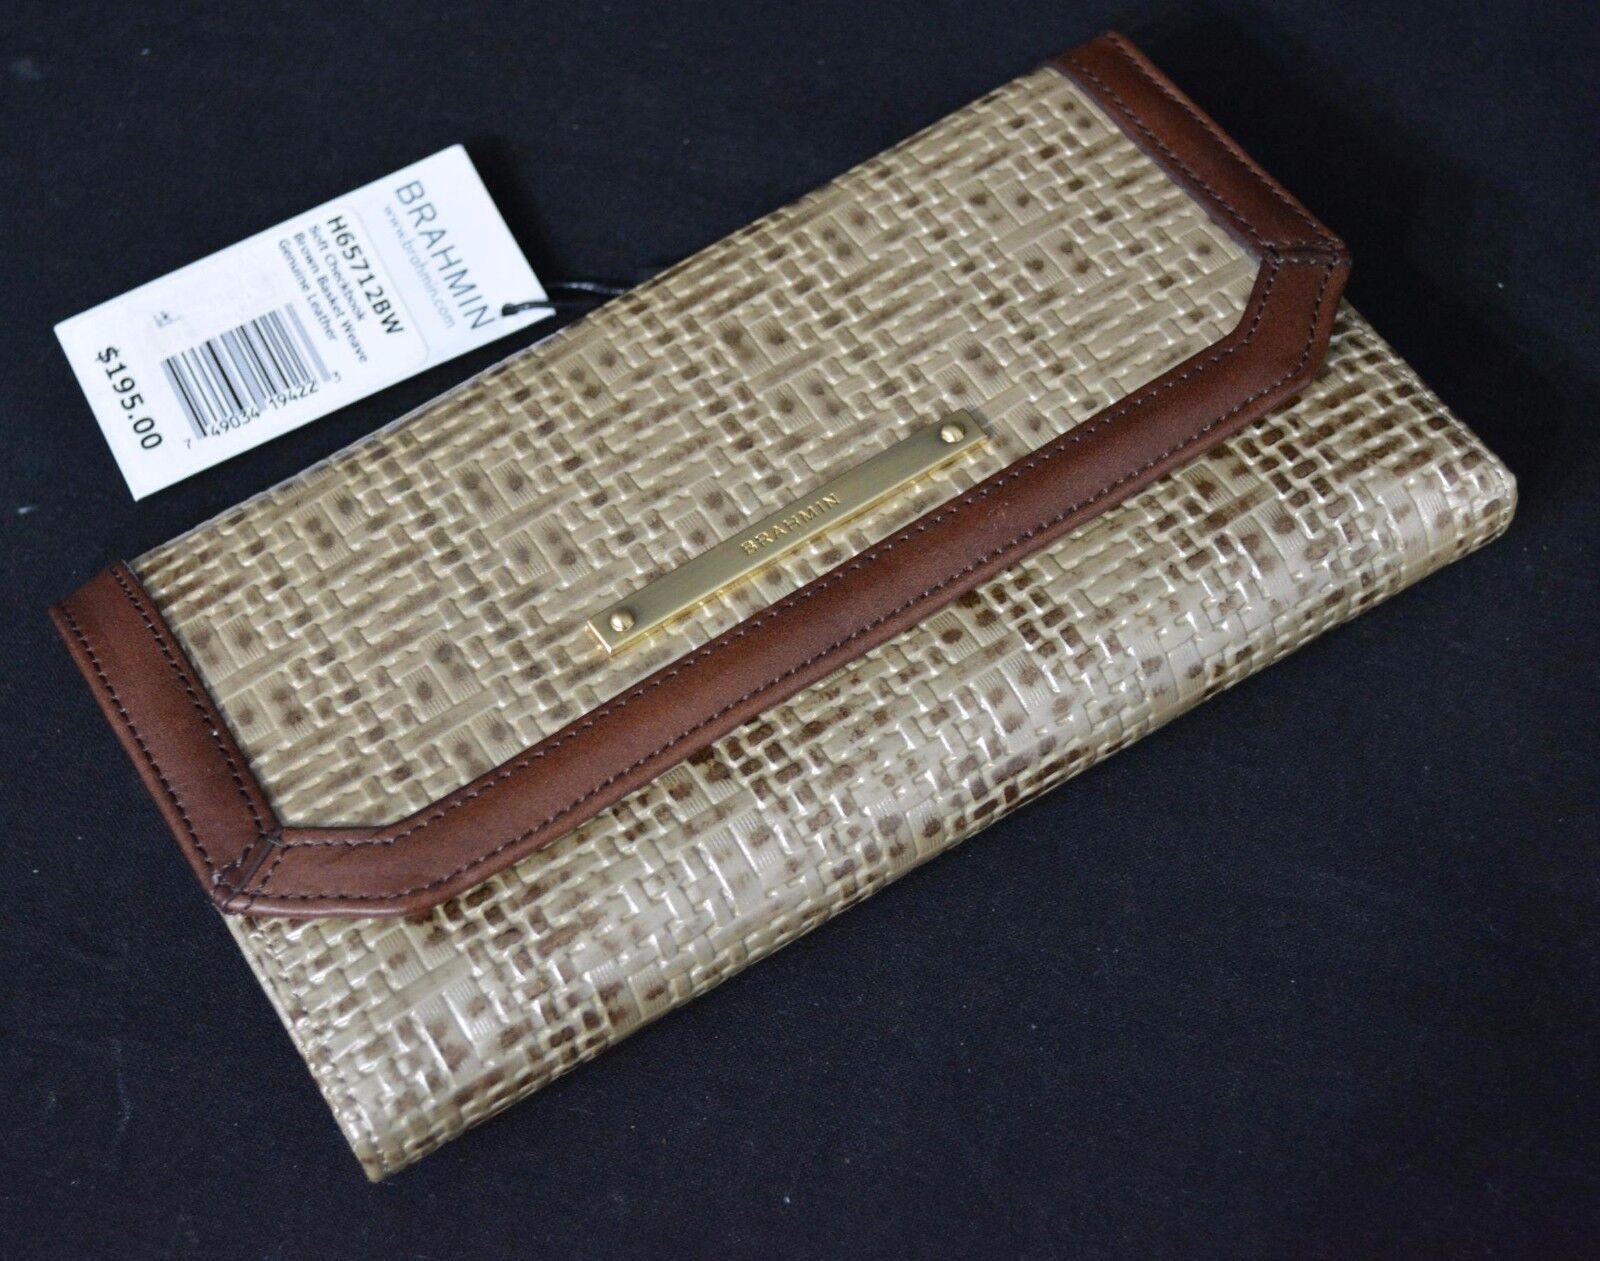 NWT Brahmin Soft Checkbook Tri-fold Wallet in Brown Basket Weave. Beige & Brown